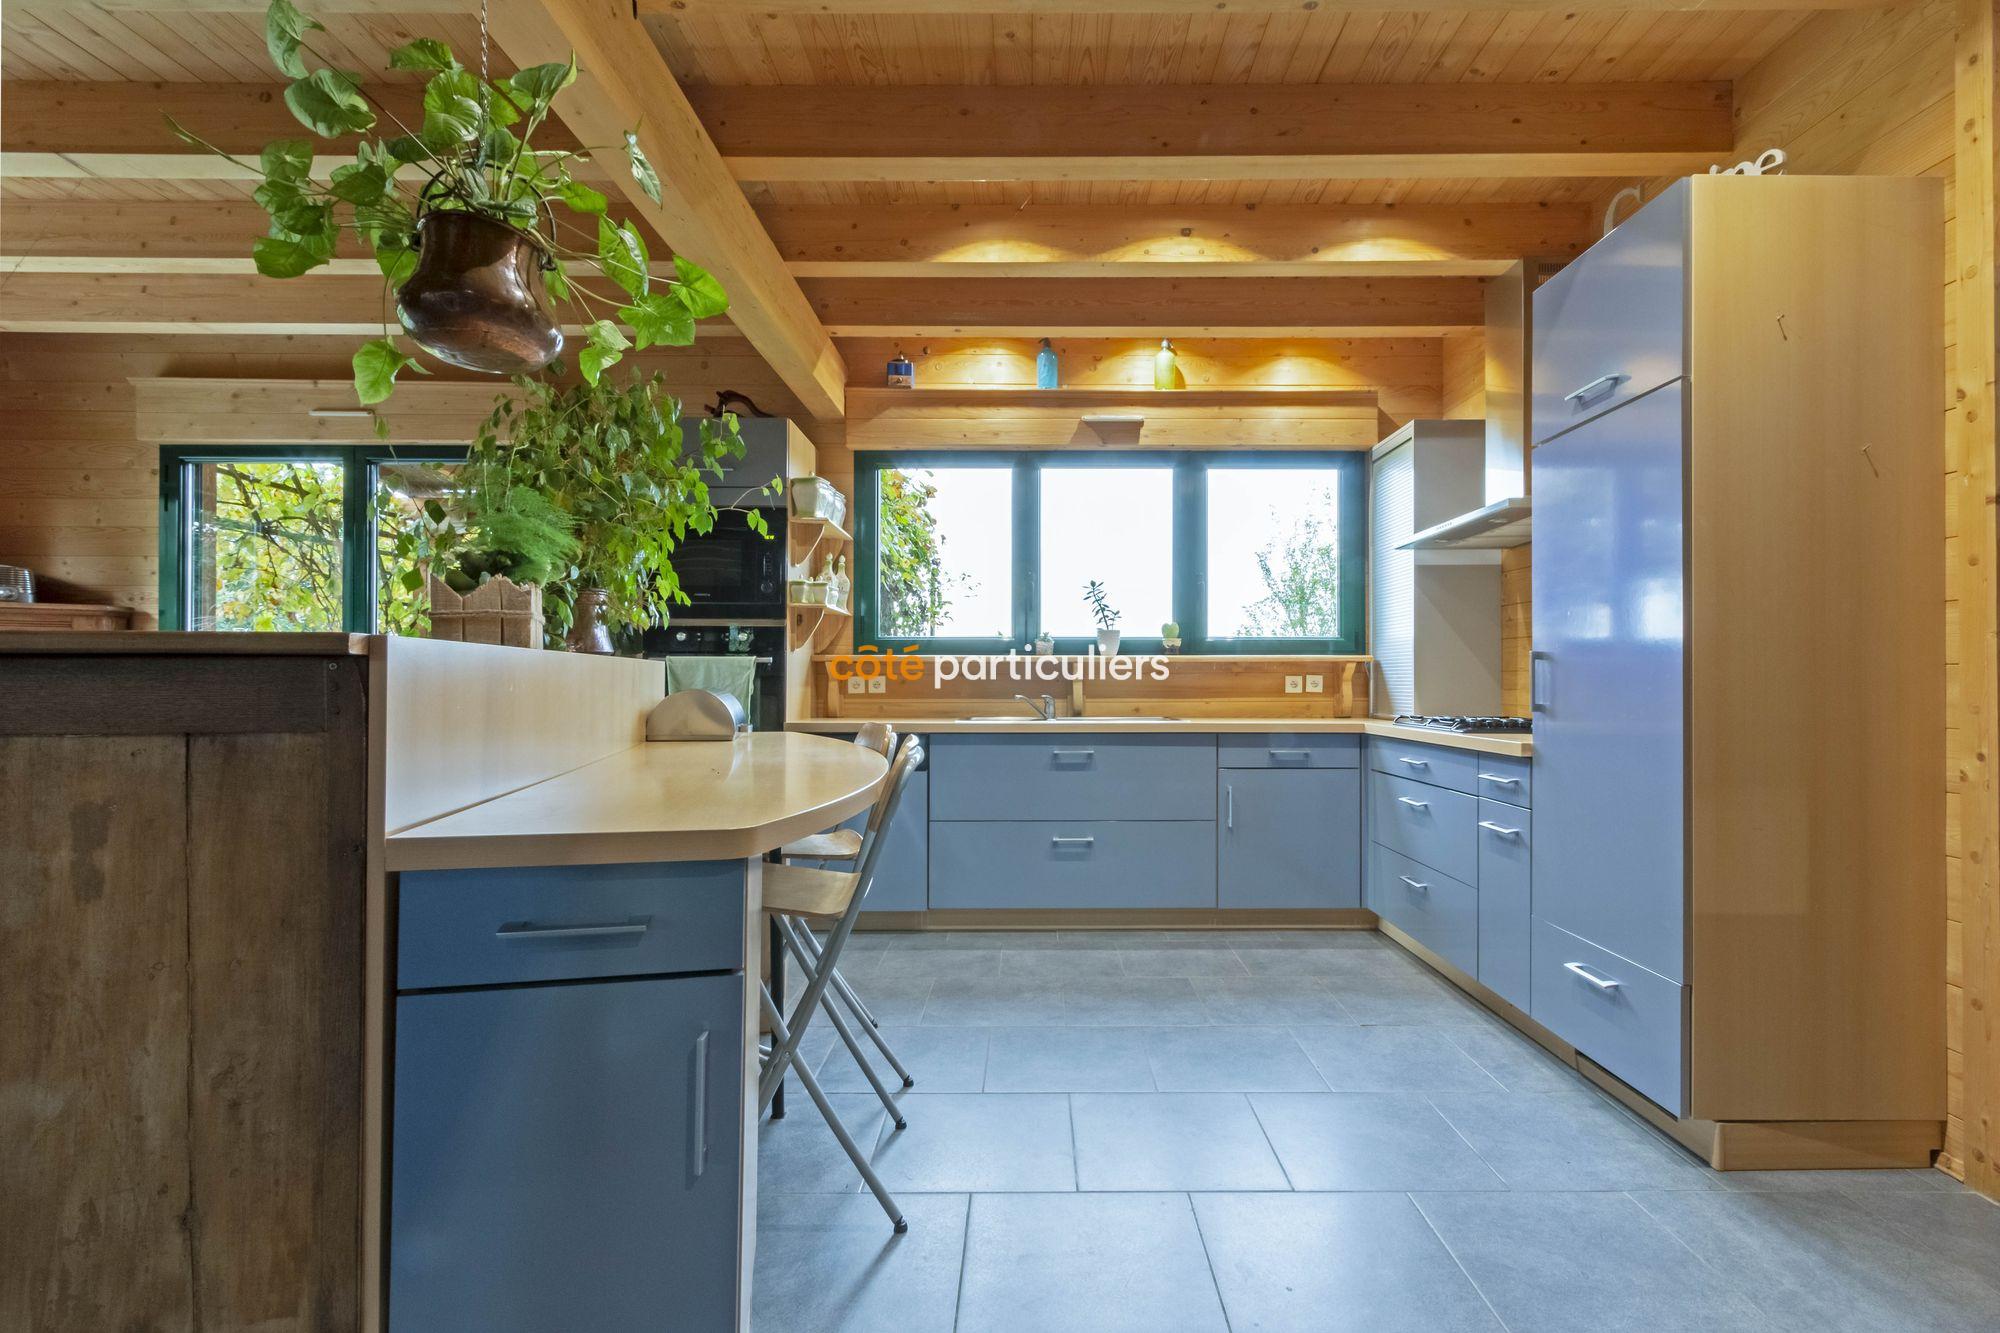 vente Maison semi plein-pied 4 chambres sur 1370 m2 de terrain